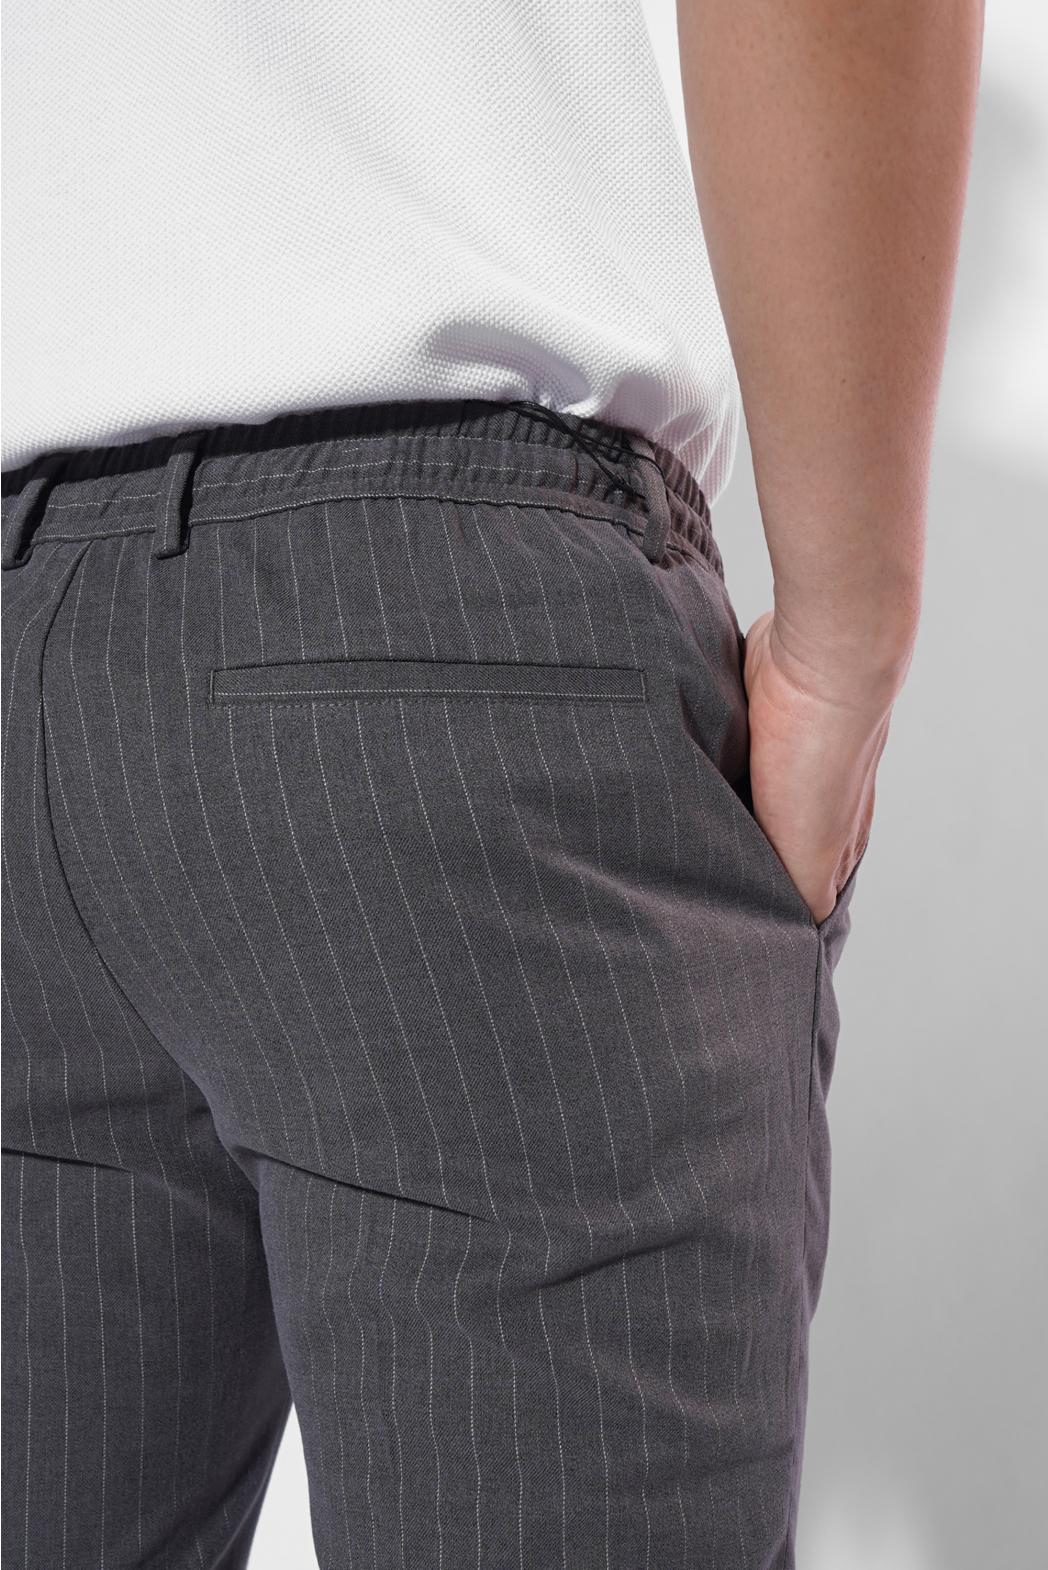 Quần vải dài, kẻ sọc, lưng thun dúng sau. SLIM CROP form - 10F20PFO015